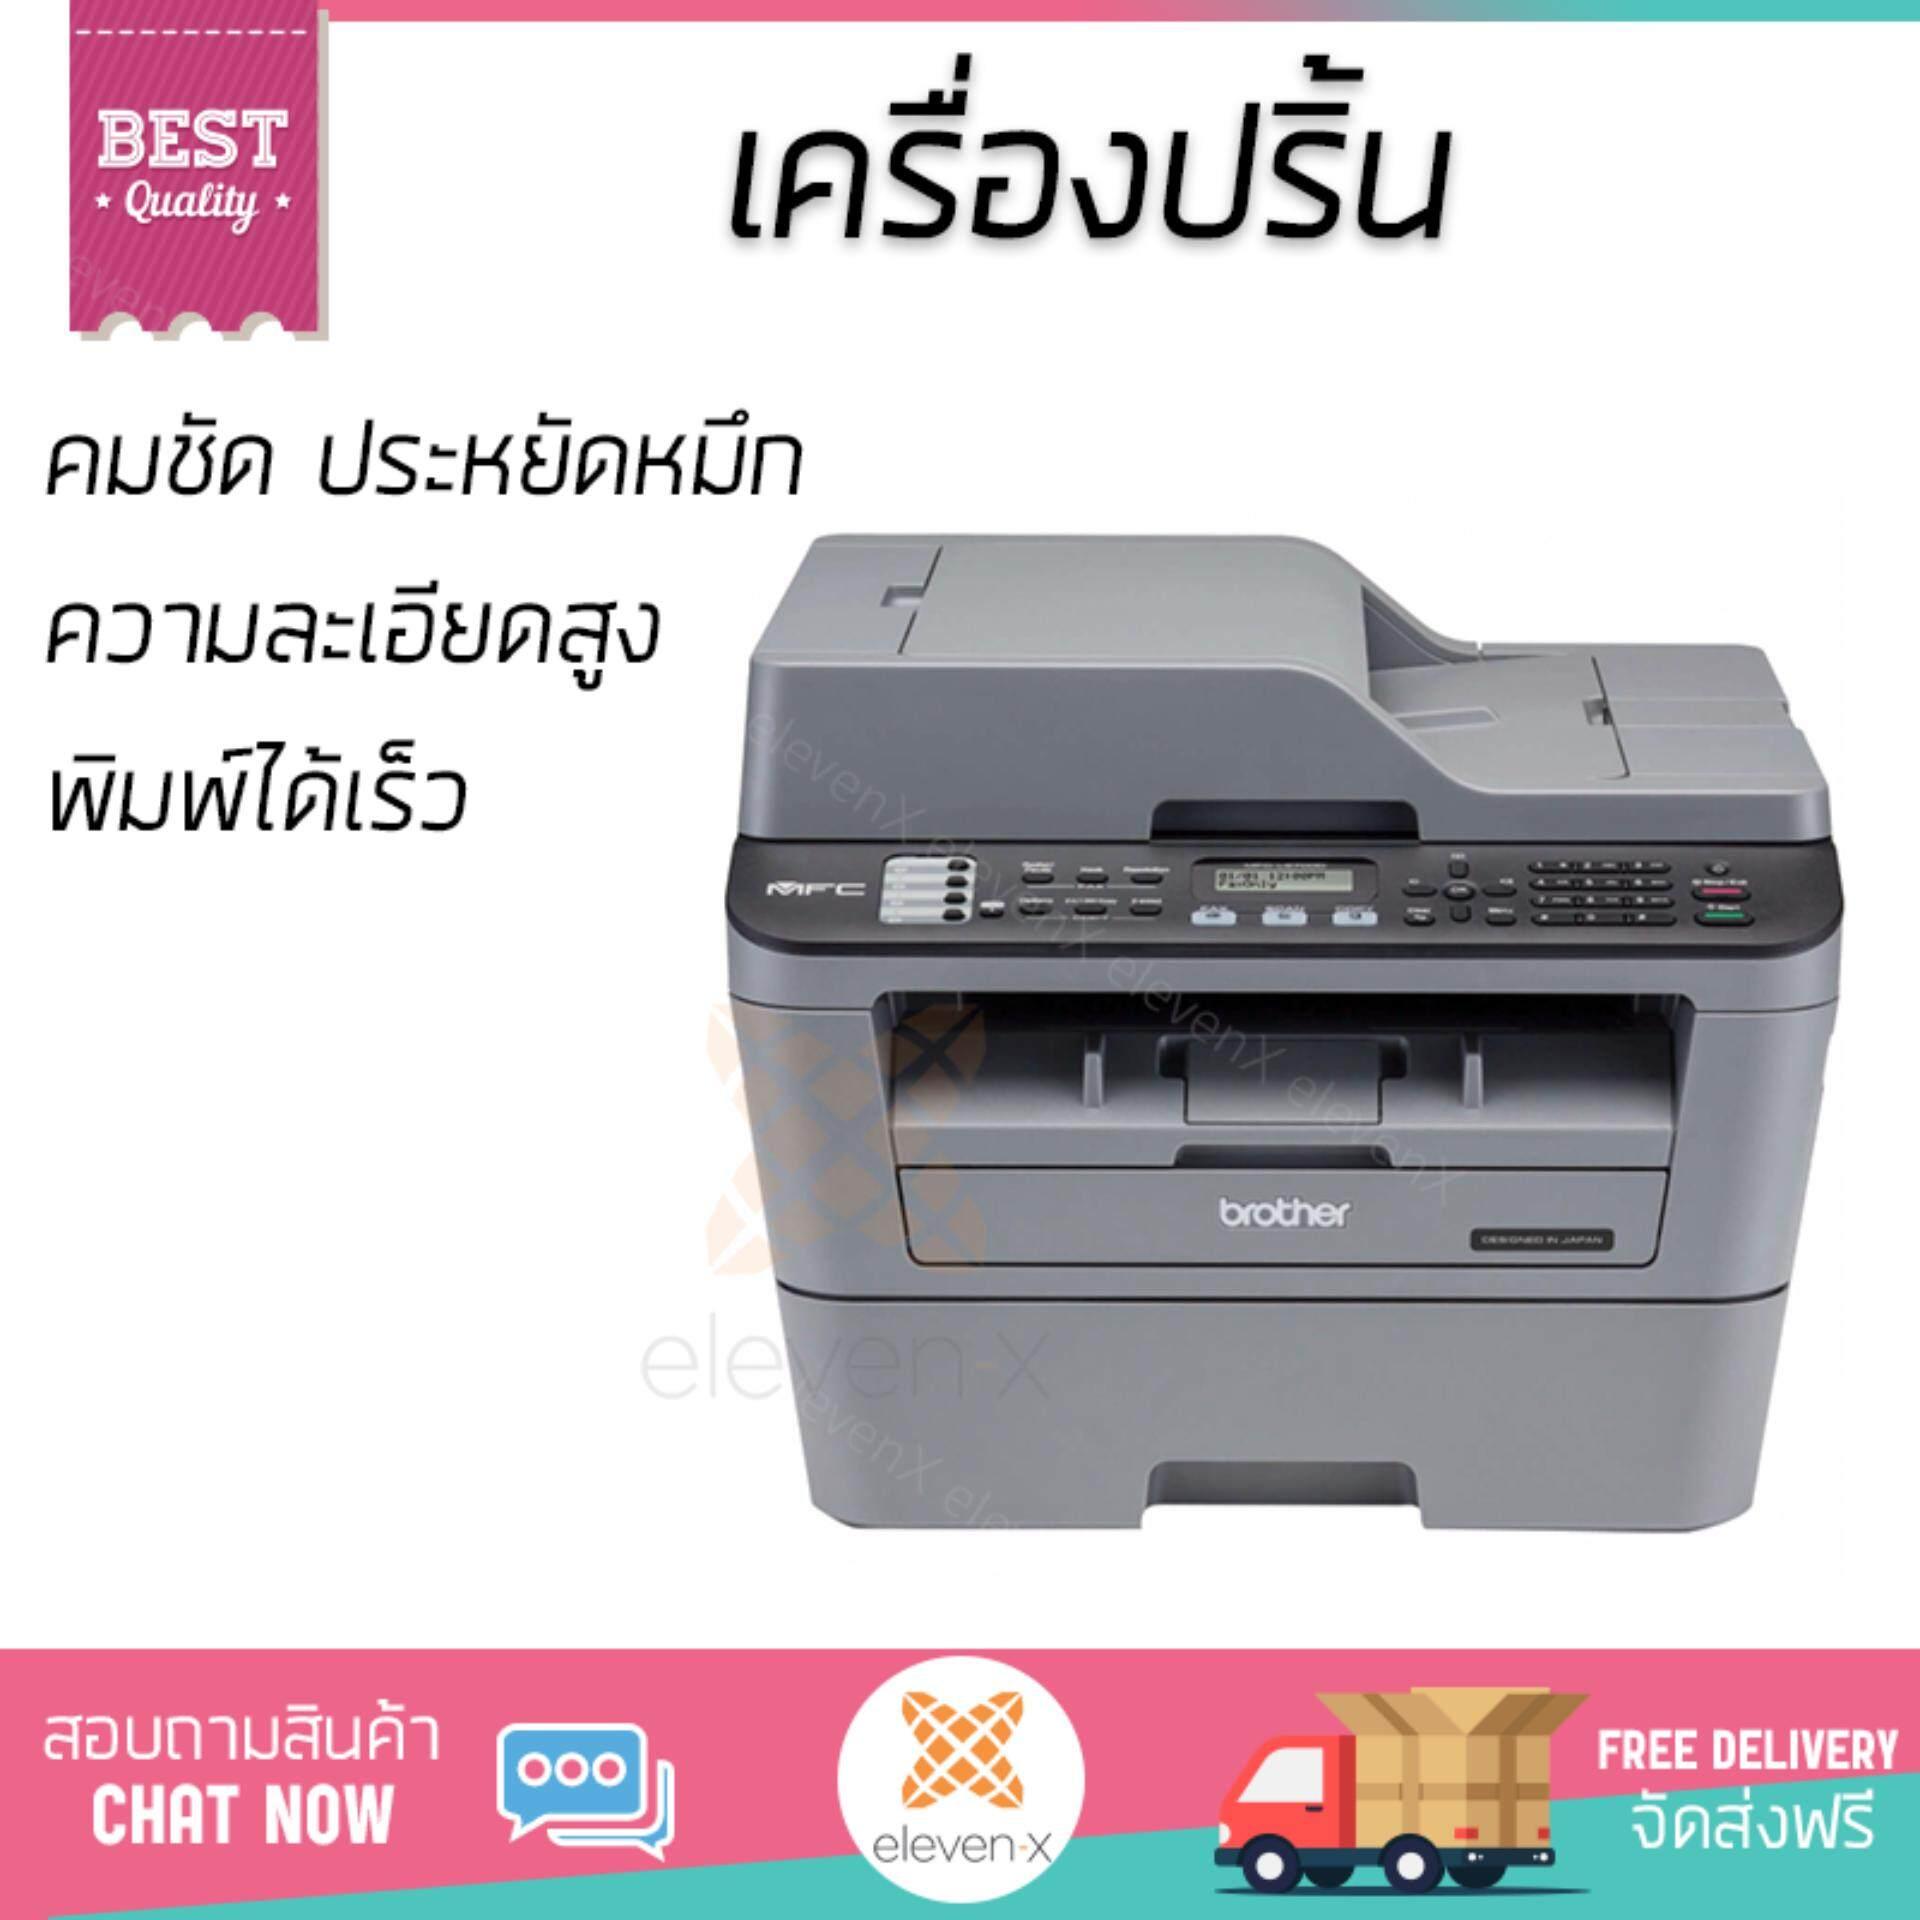 ขายดีมาก! โปรโมชัน เครื่องพิมพ์เลเซอร์           BROTHER ปริ้นเตอร์มัลติฟังก์ชั่น รุ่น MFC-L2700D             ความละเอียดสูง คมชัด พิมพ์ได้รวดเร็ว เครื่องปริ้น เครื่องปริ้นท์ Laser Printer รับประกันสิ